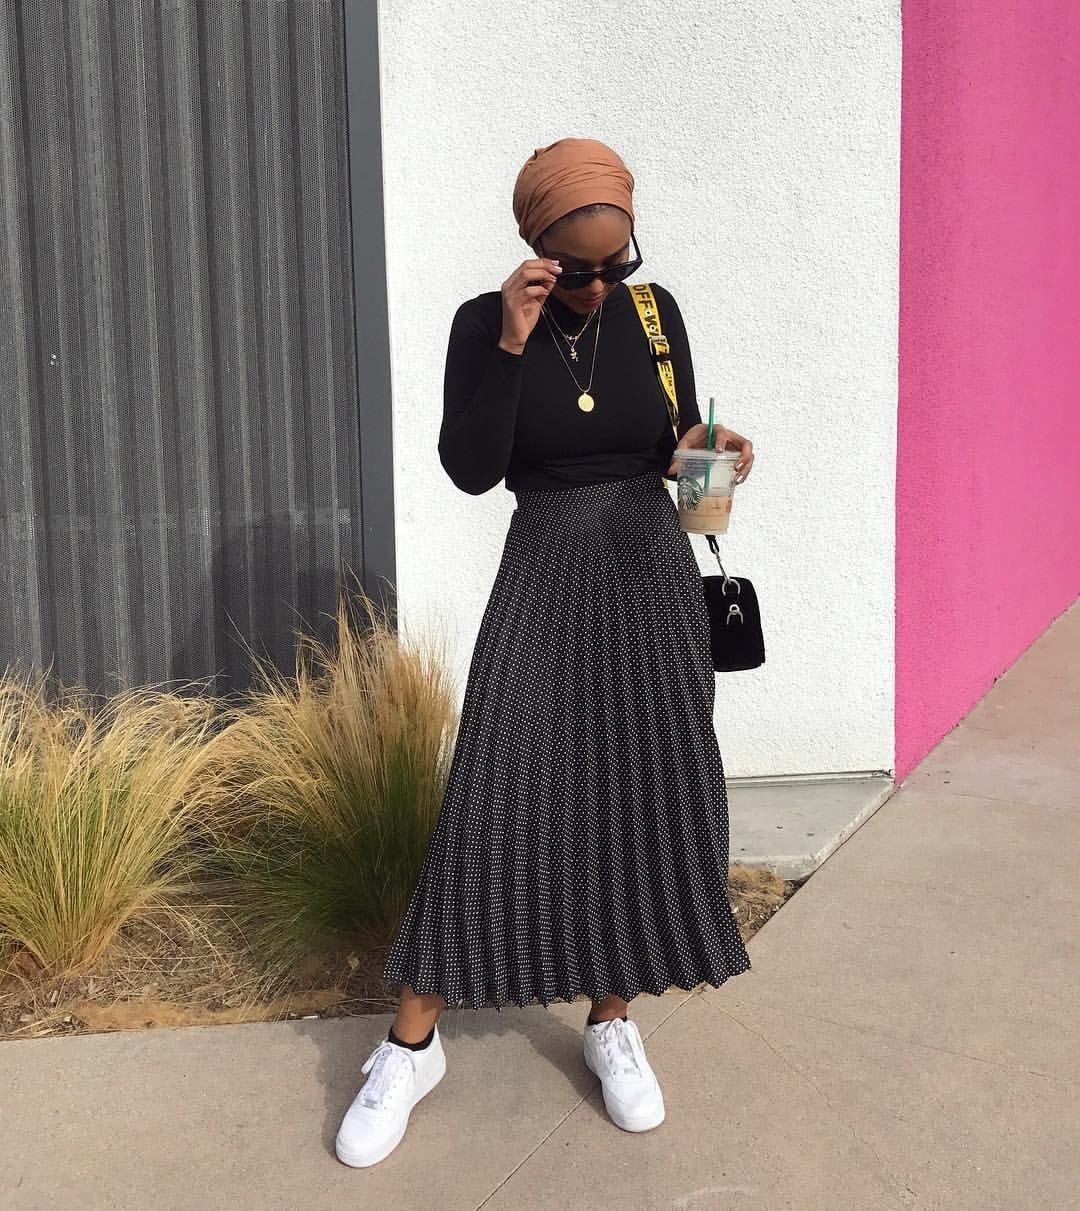 Modest look, jupe plissée noire tendance #modestfashion